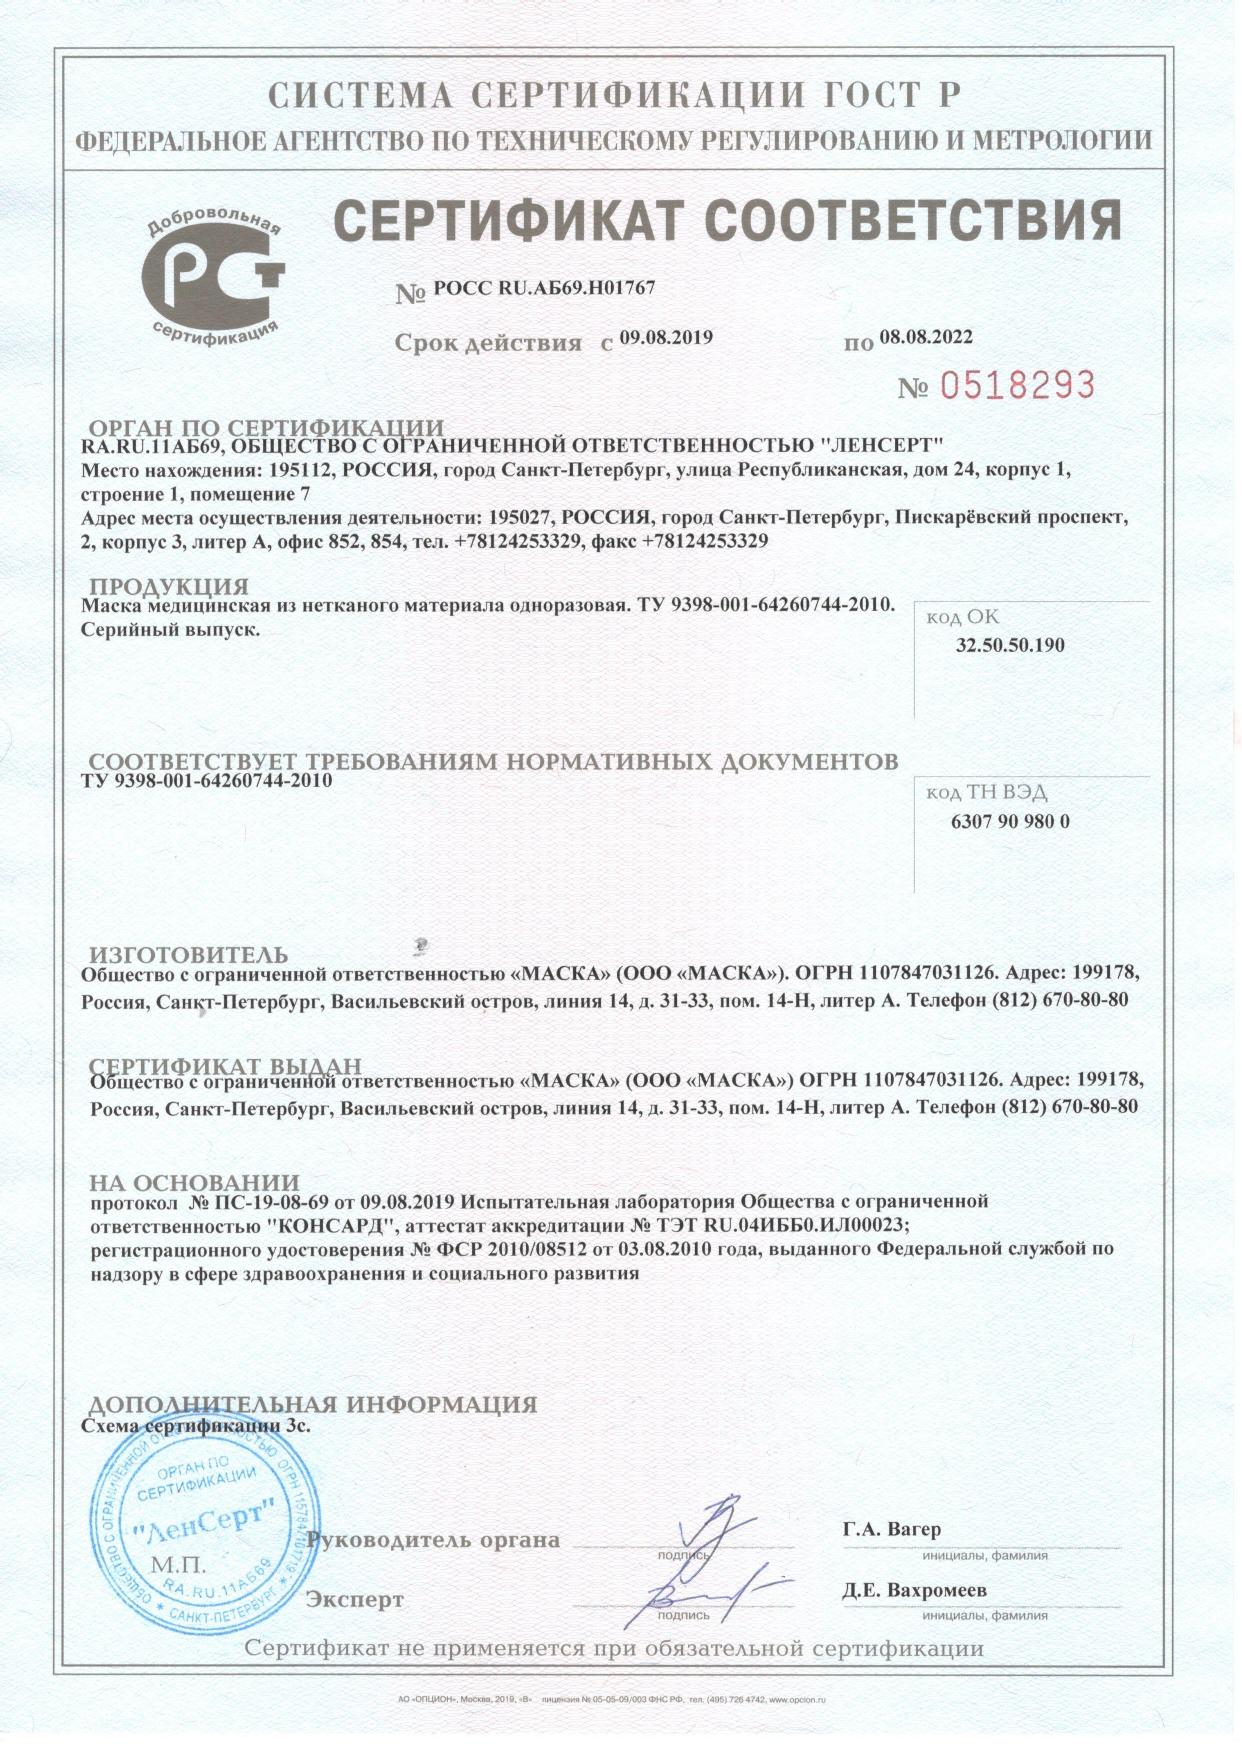 Сертификат соответствия маски от 09.08.2019